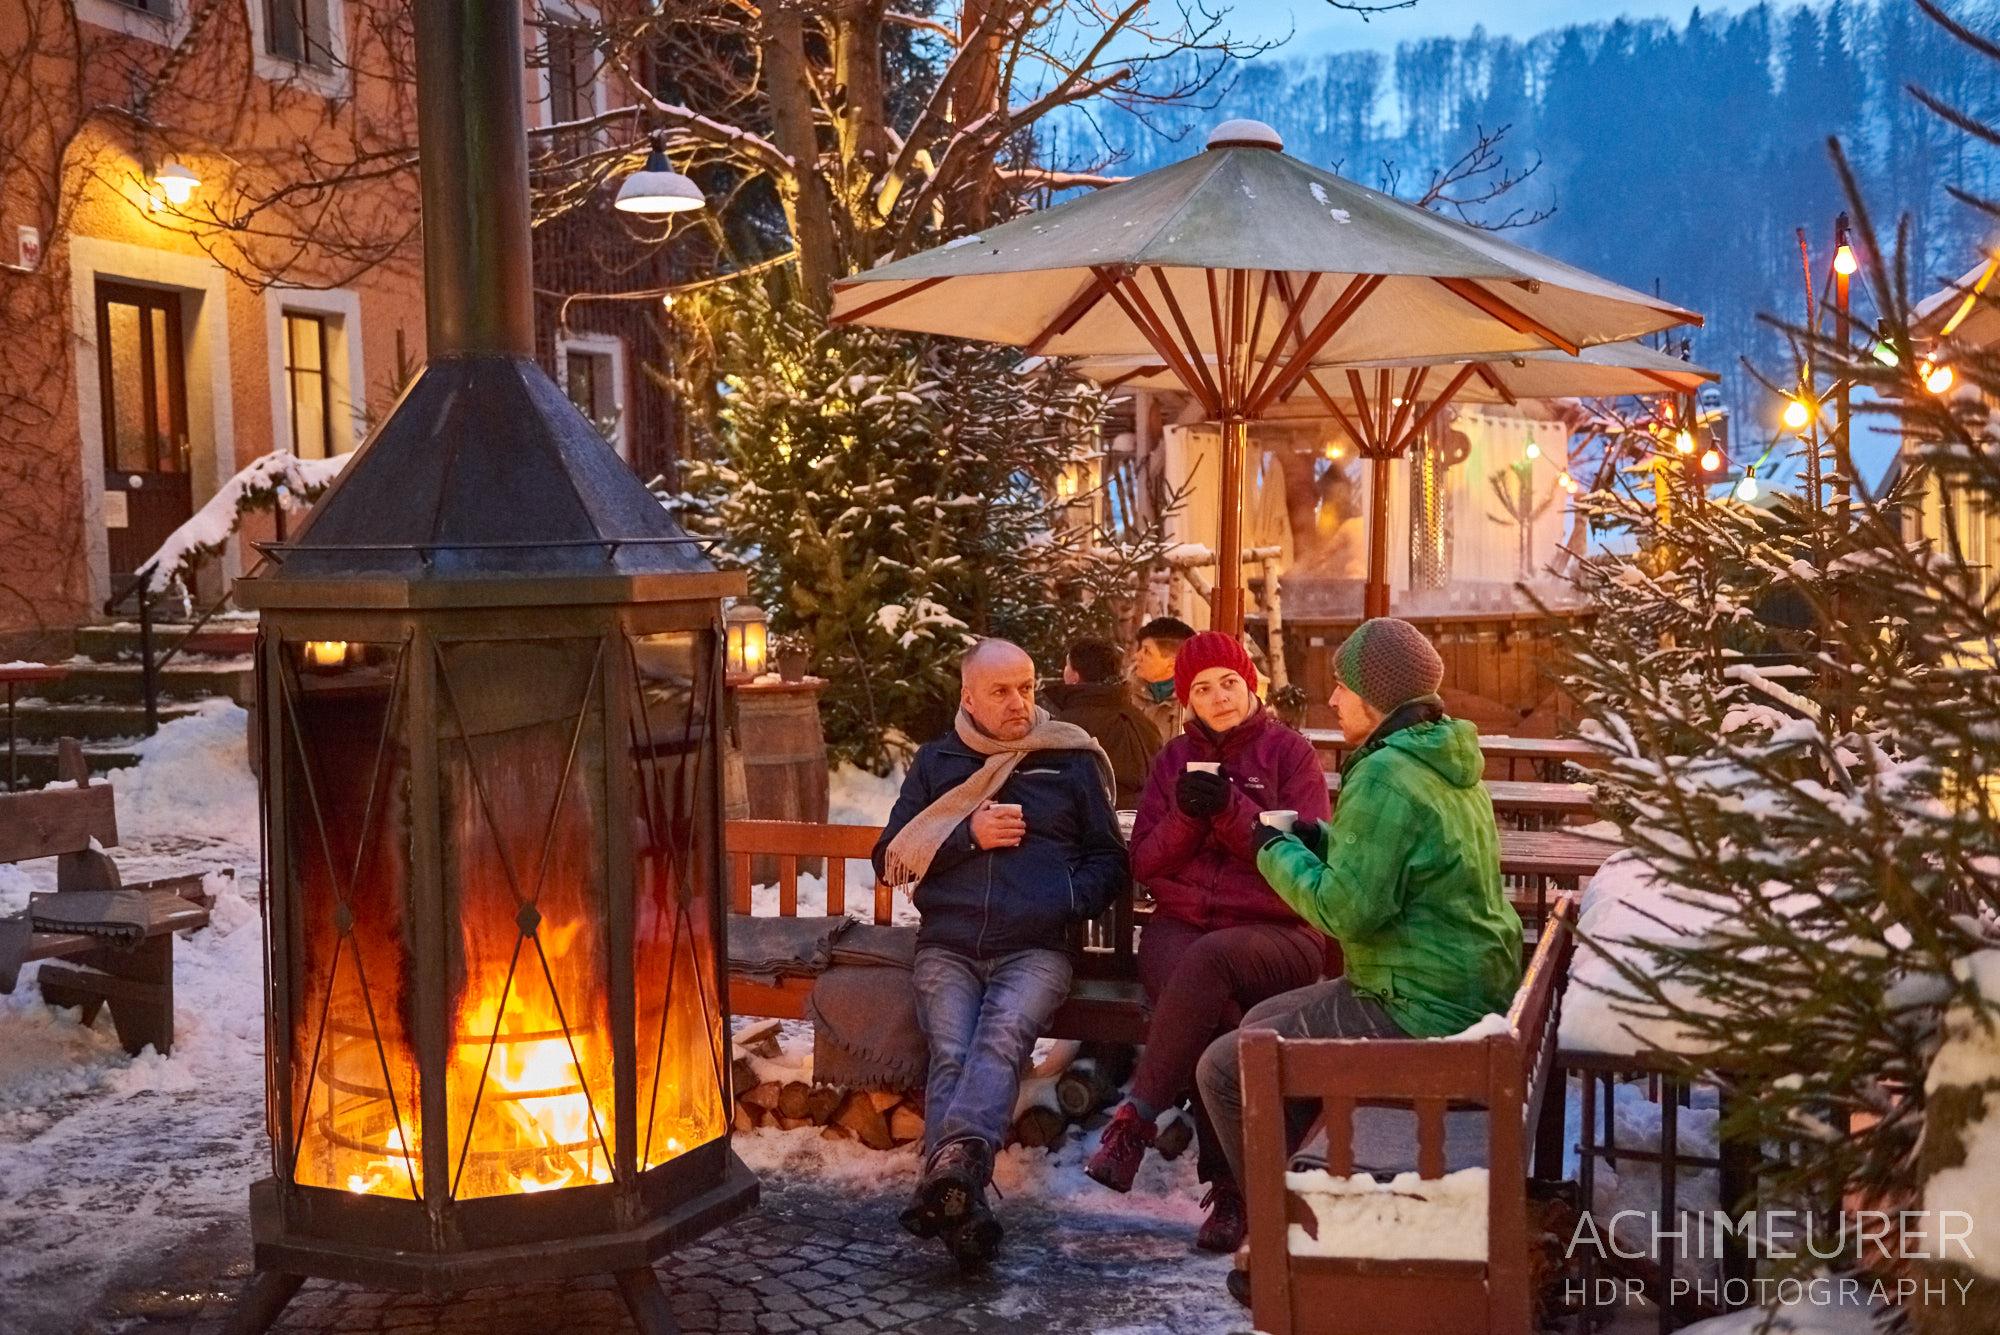 Das Winterdorf Schmilka in der Sächsichen Schweiz by AchimMeurer.com                     .